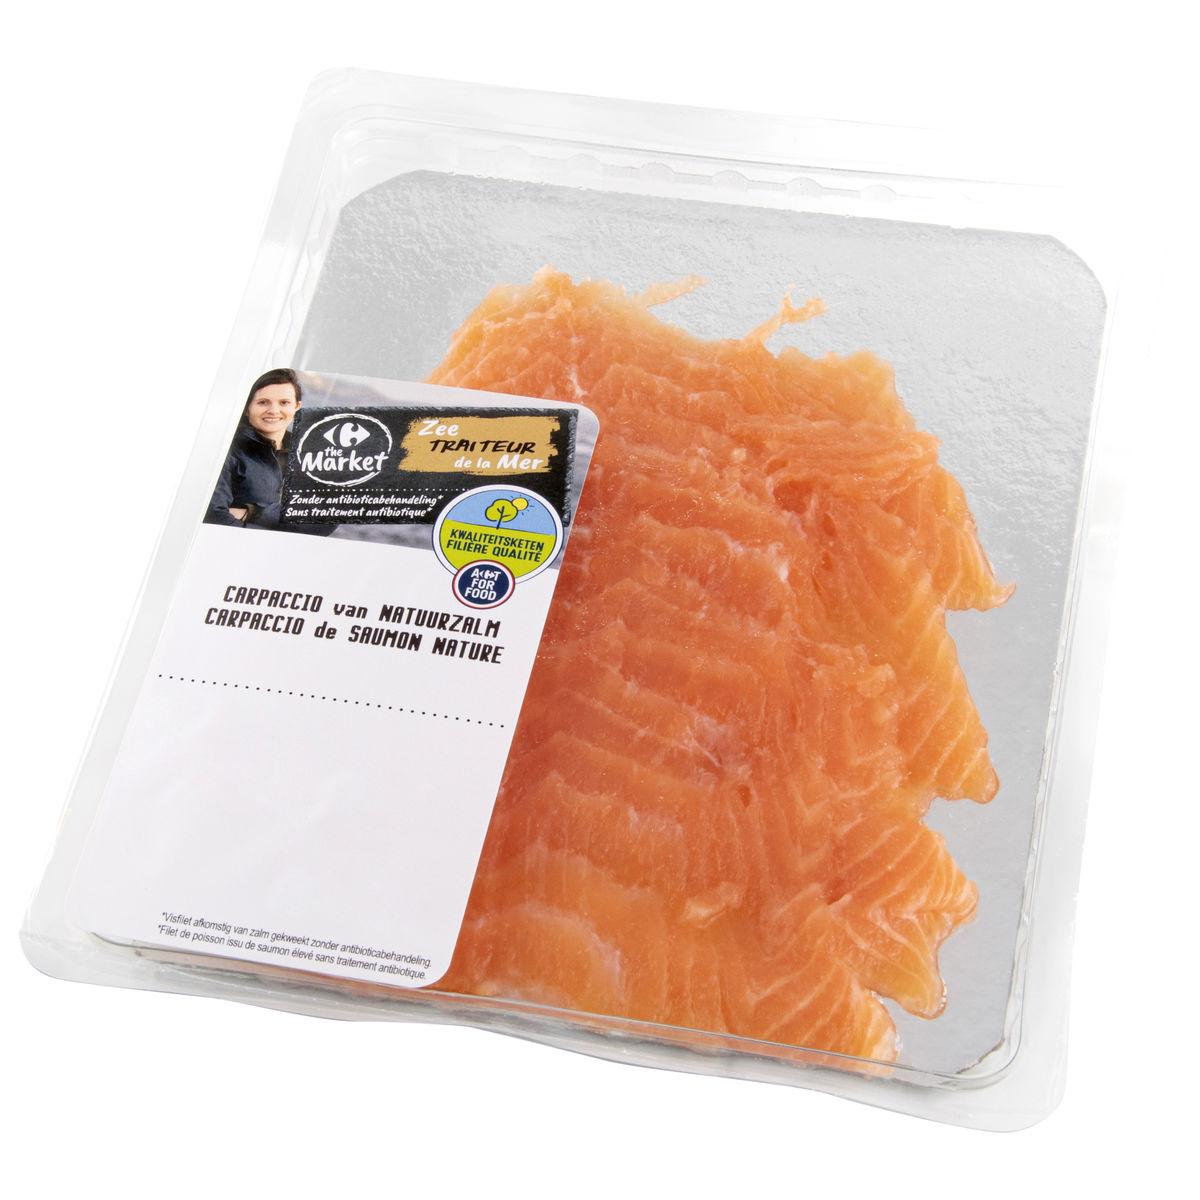 Carrefour FQC Traiteur de la Mer Carpaccio de Saumon Nature 0.12 kg